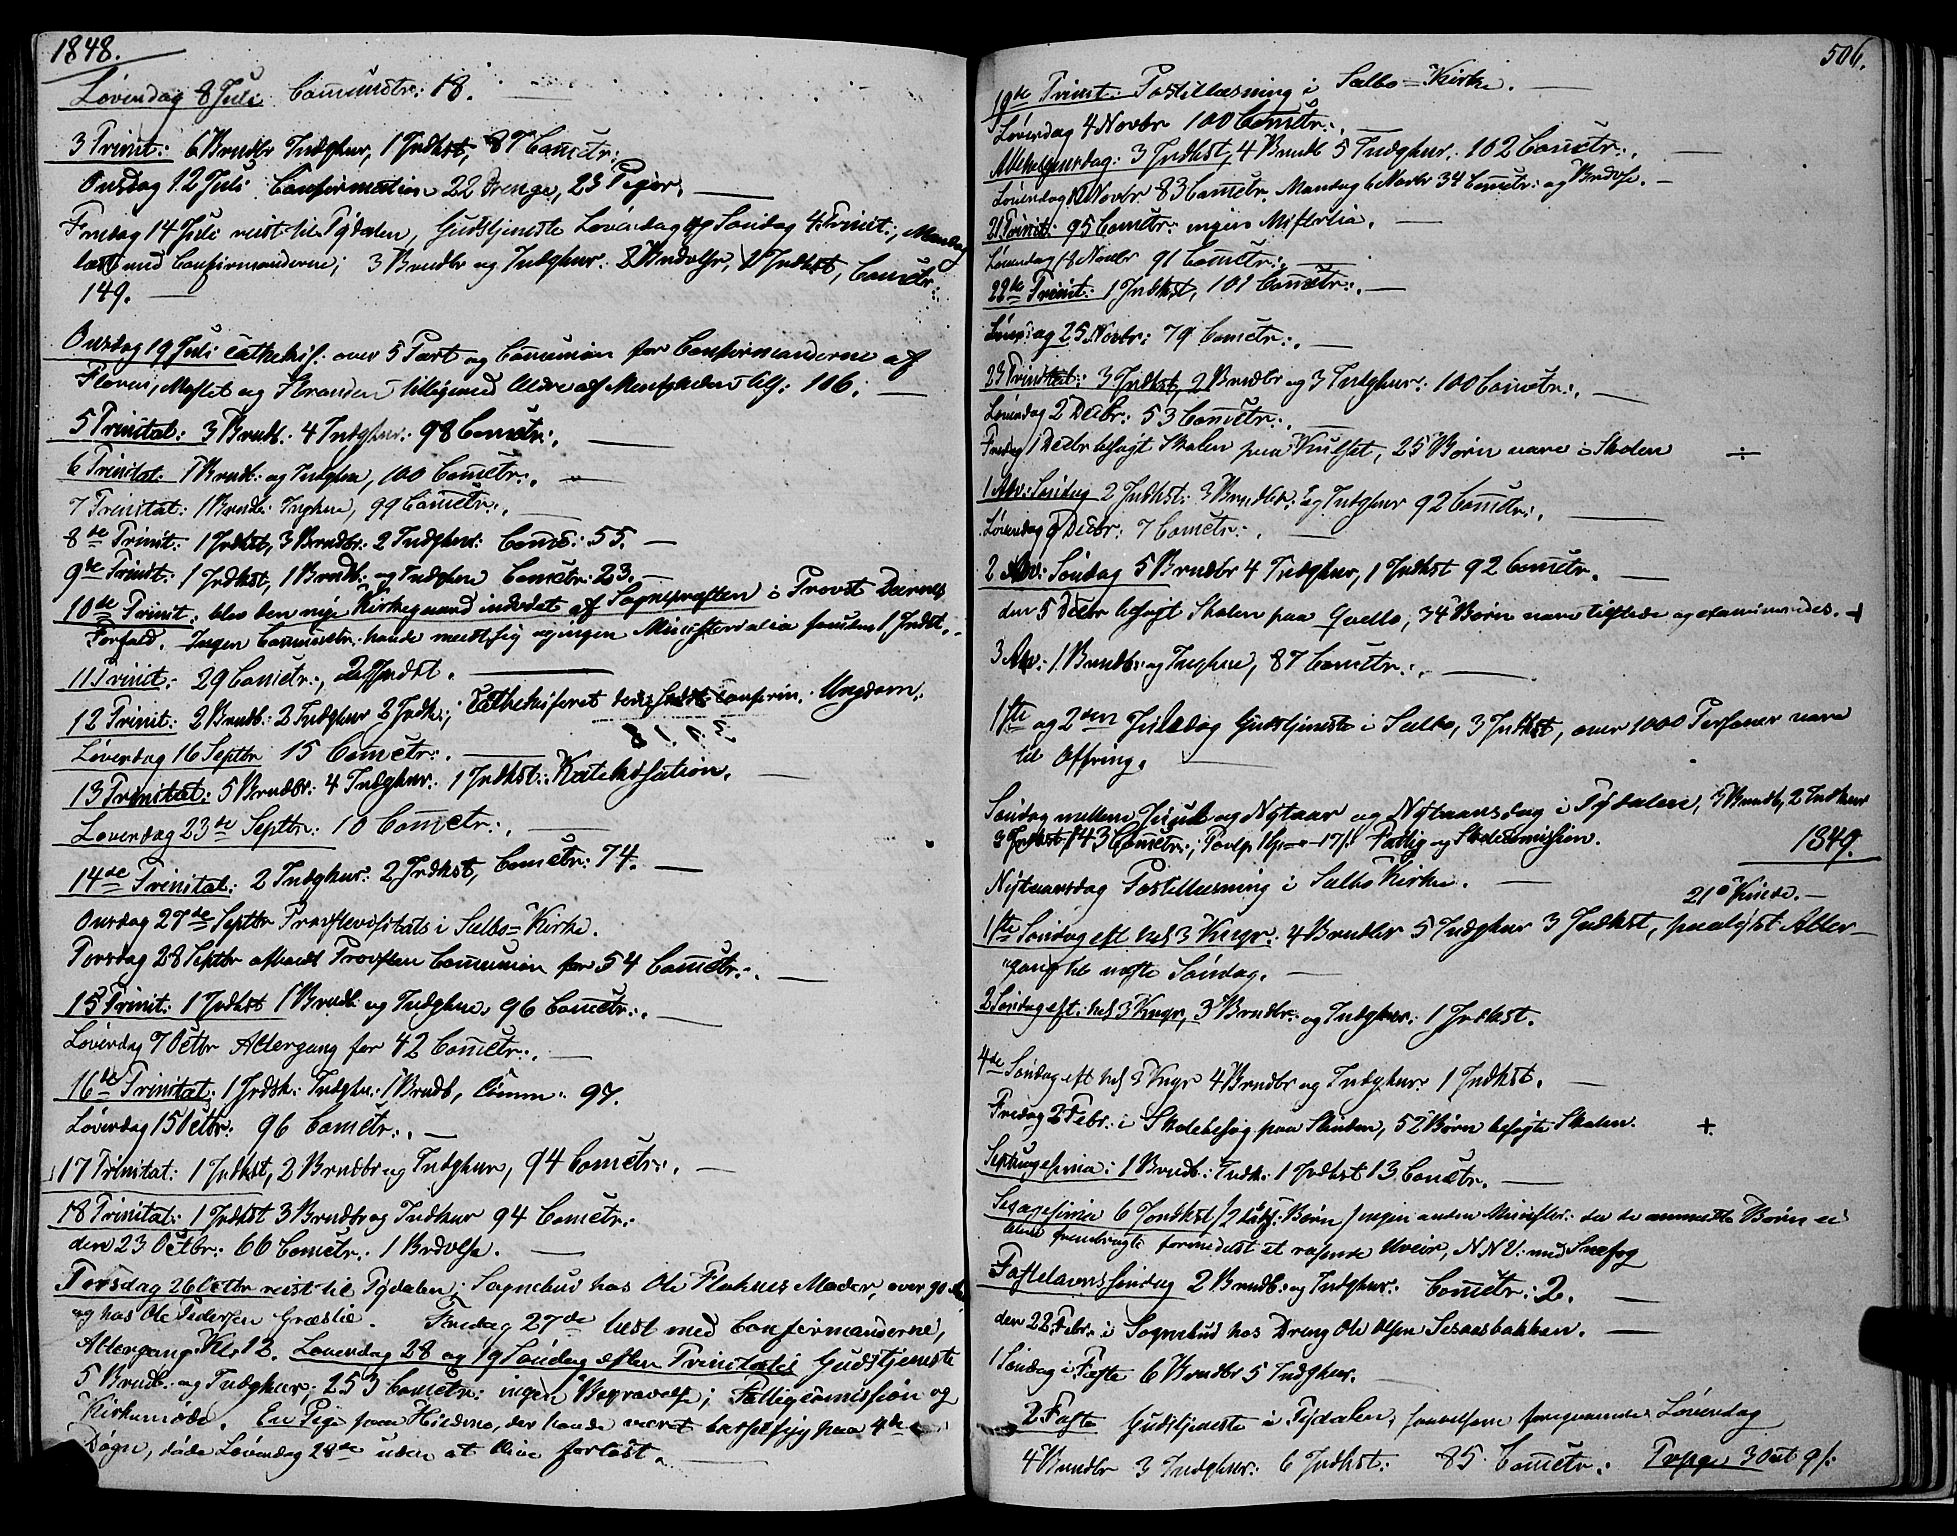 SAT, Ministerialprotokoller, klokkerbøker og fødselsregistre - Sør-Trøndelag, 695/L1145: Ministerialbok nr. 695A06 /1, 1843-1859, s. 506